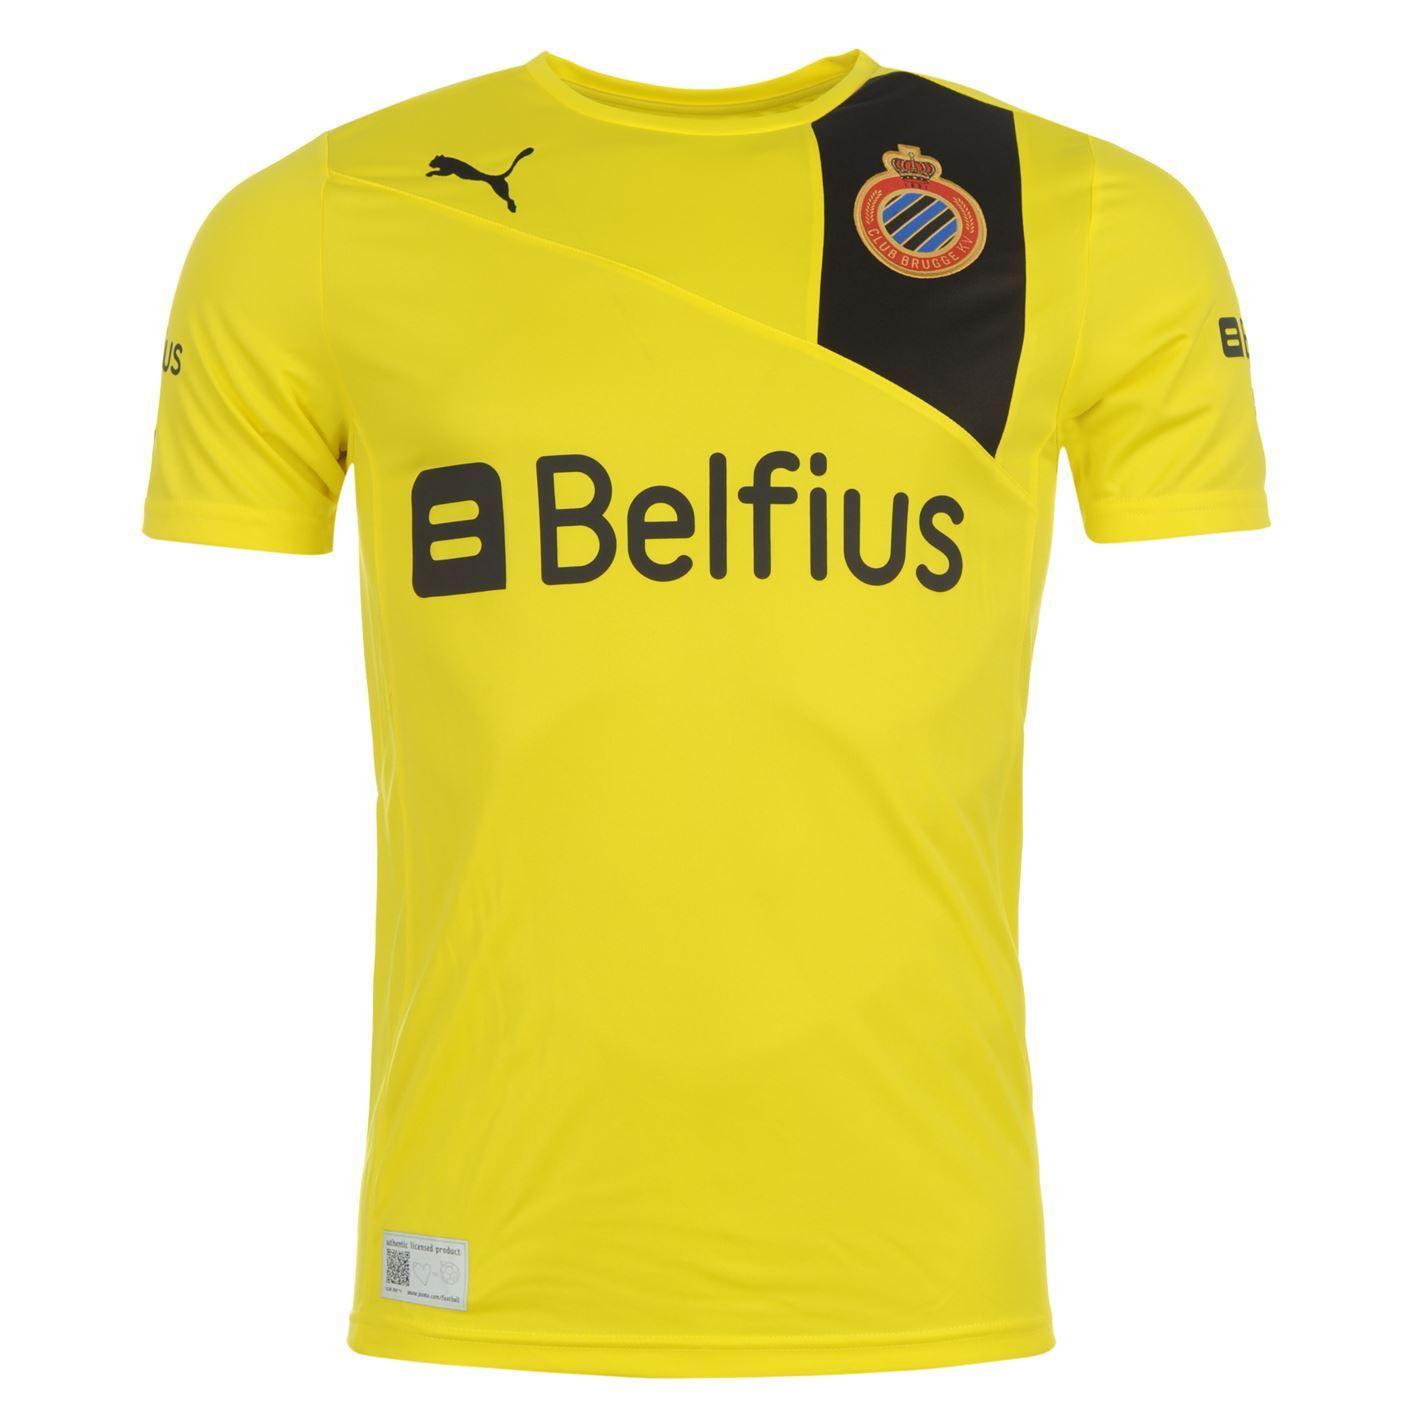 PUMA Herren Trikot Fussball Sport Teamwear Shirt Jersey XS ... |Cool Puma Soccer Shirts